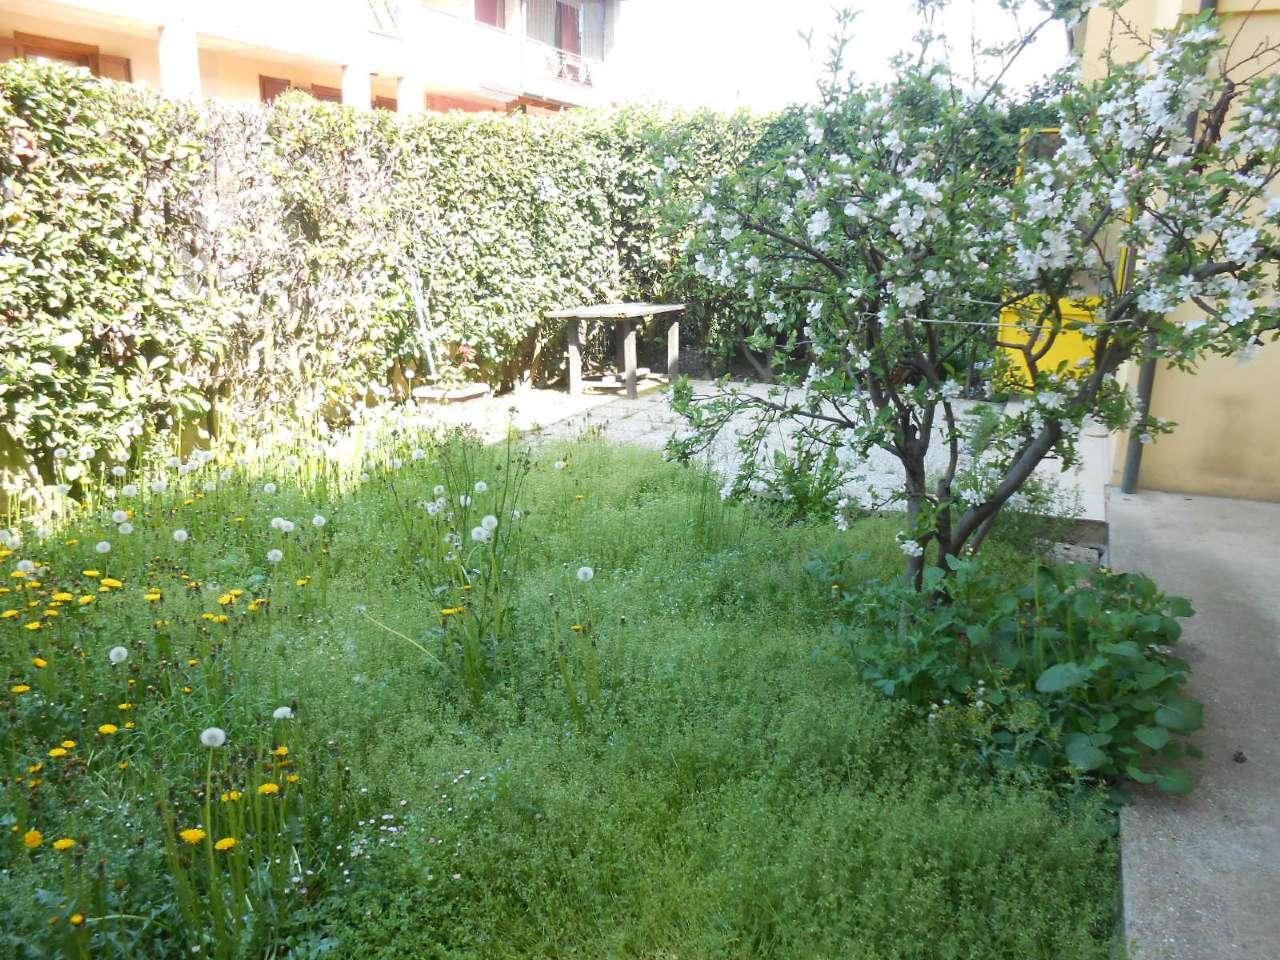 Appartamento in vendita a Chieve, 3 locali, prezzo € 89.000 | PortaleAgenzieImmobiliari.it